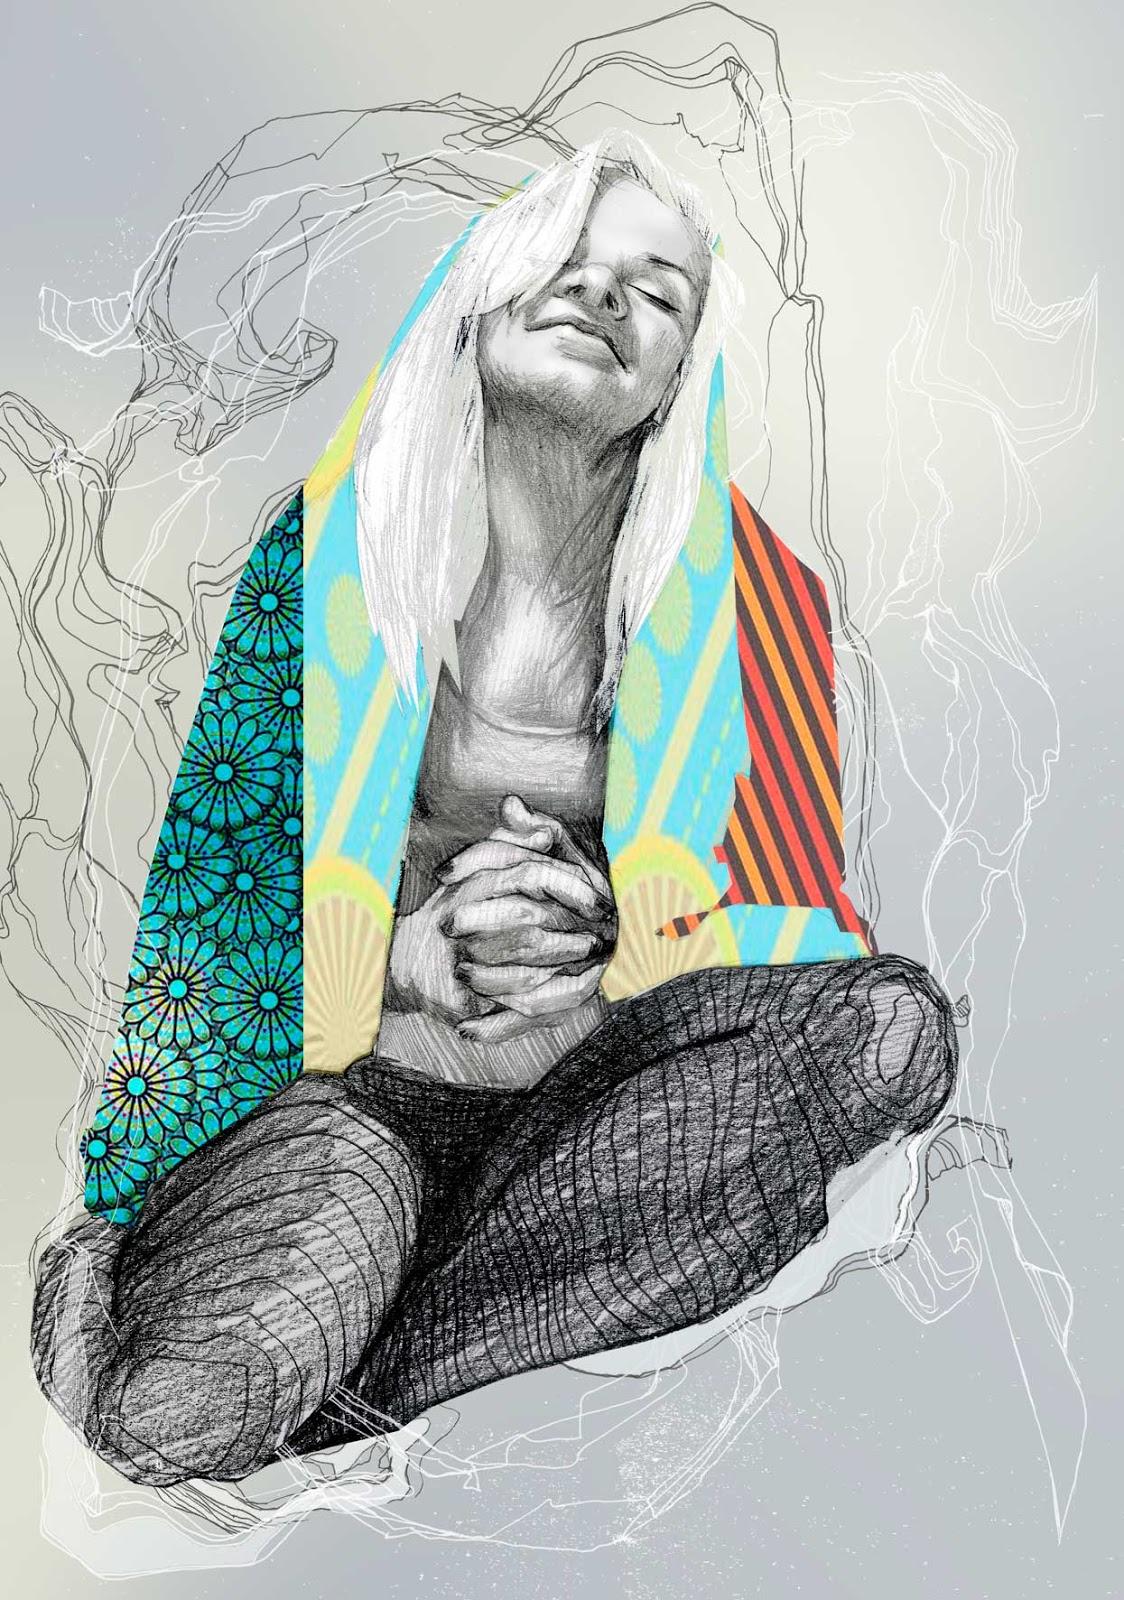 ilustracje make up kobieta kobiece Urbaniak portrety ilustracja na blogi strony internetowe do artykułów wierszy opowiadań illustration for magazines articles book poems prayer woman